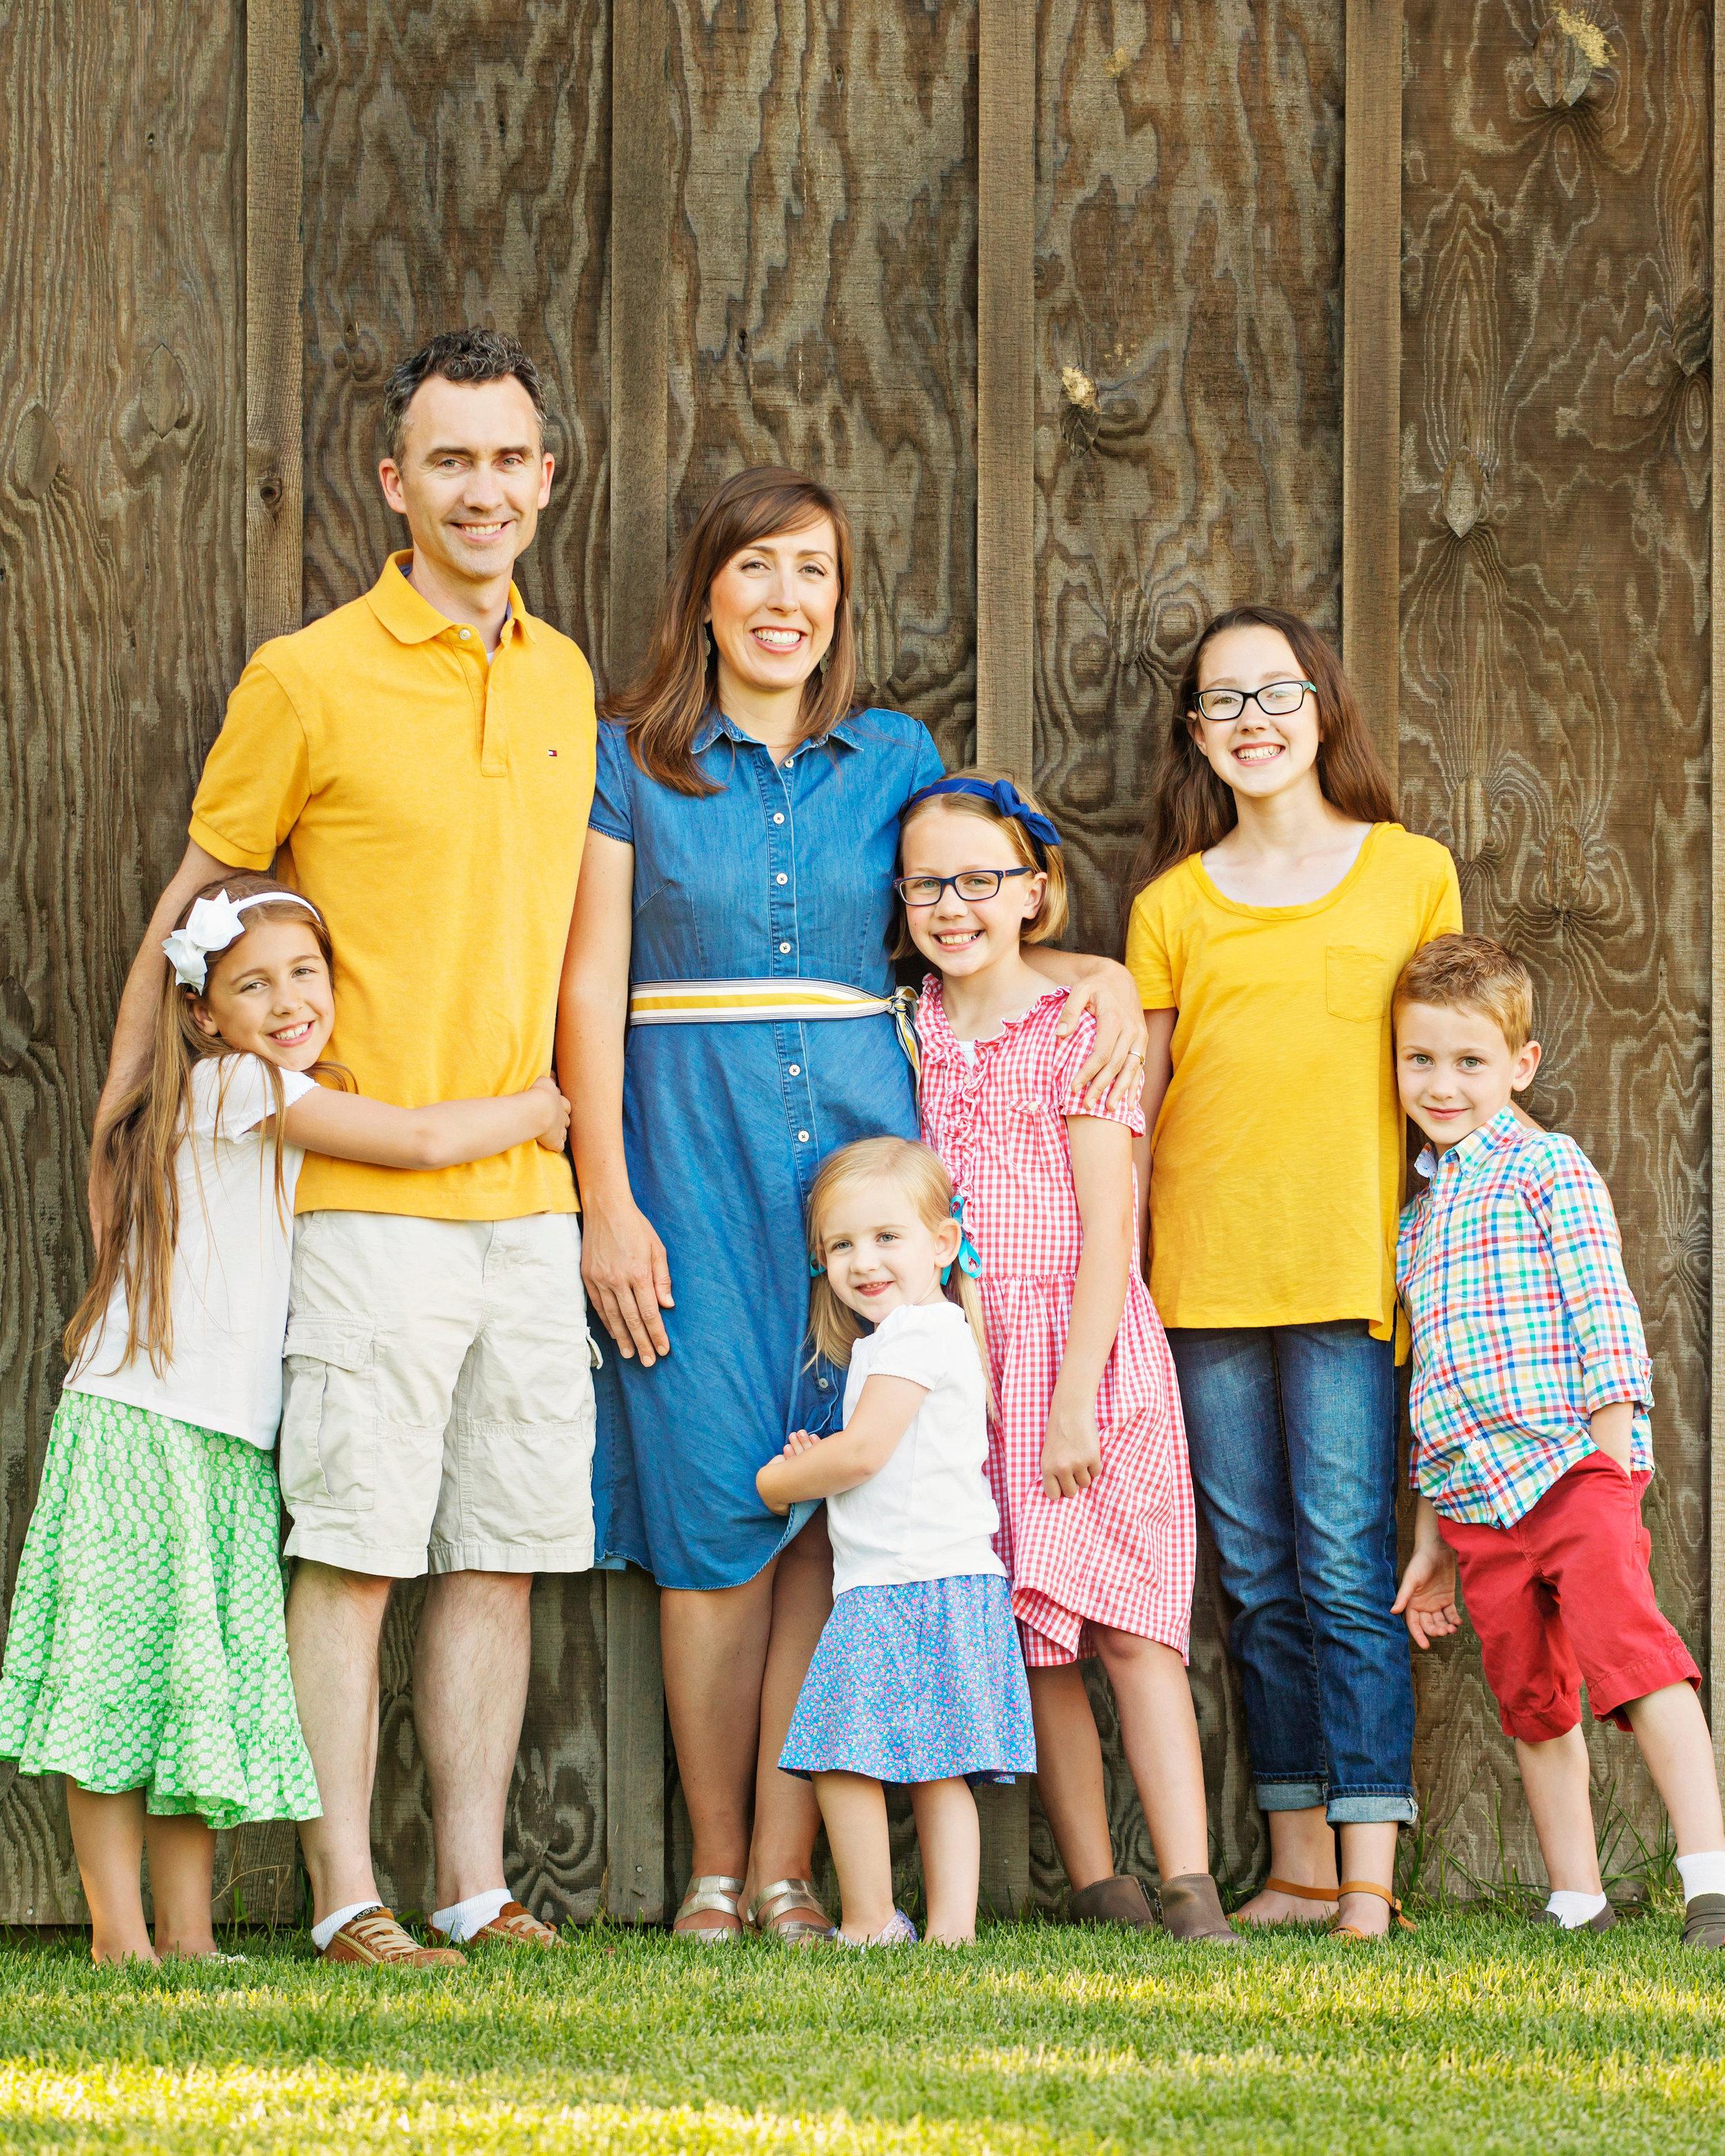 family.16x20.jpg